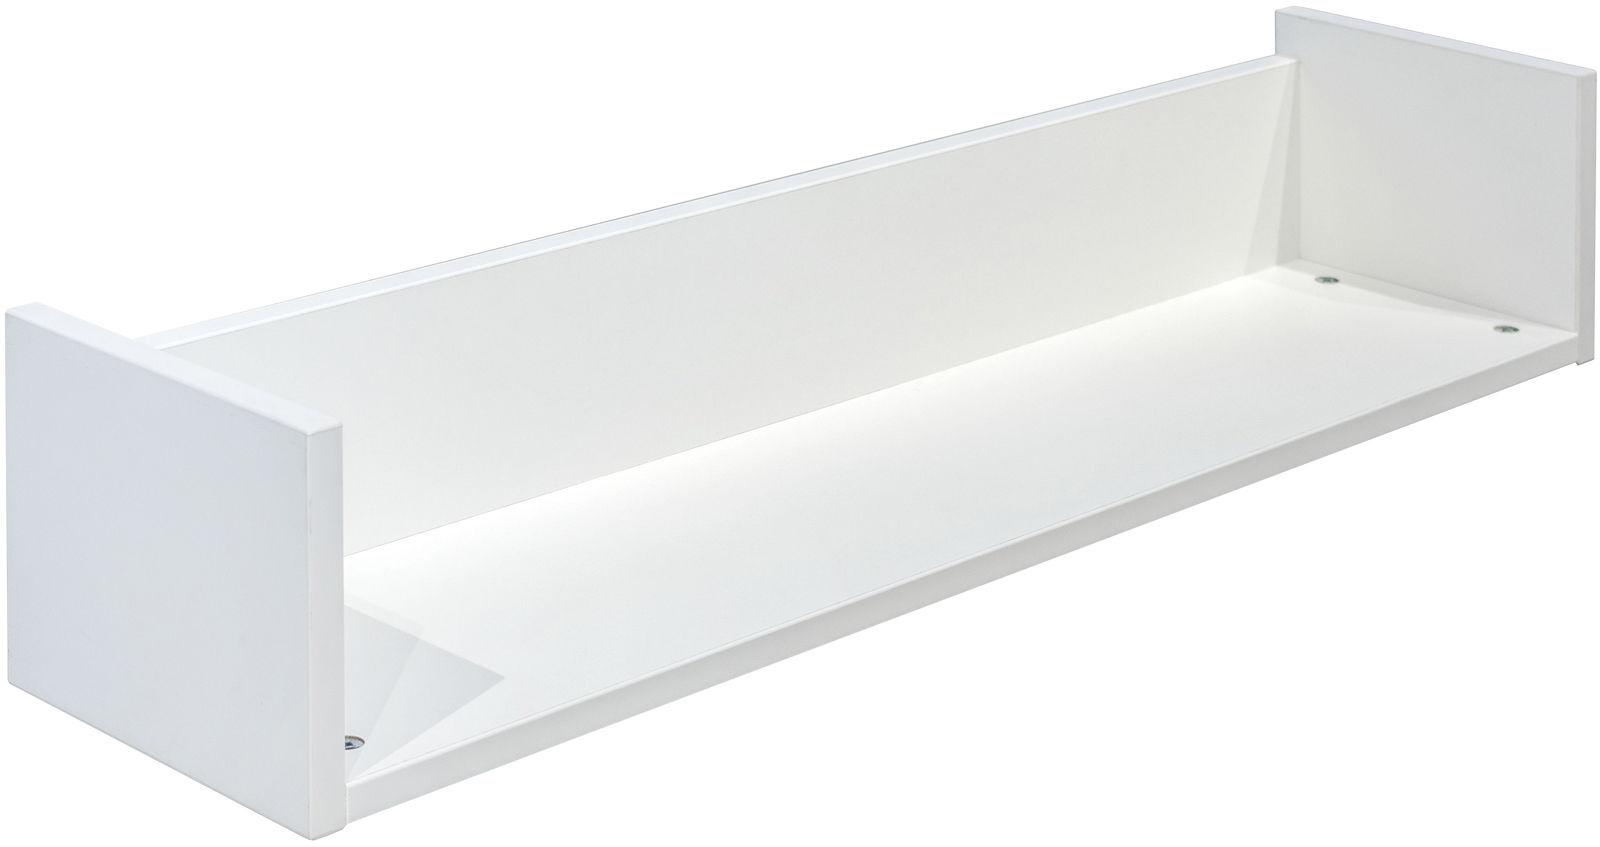 Biała minimalistyczna półka ścienna - Benny 4S